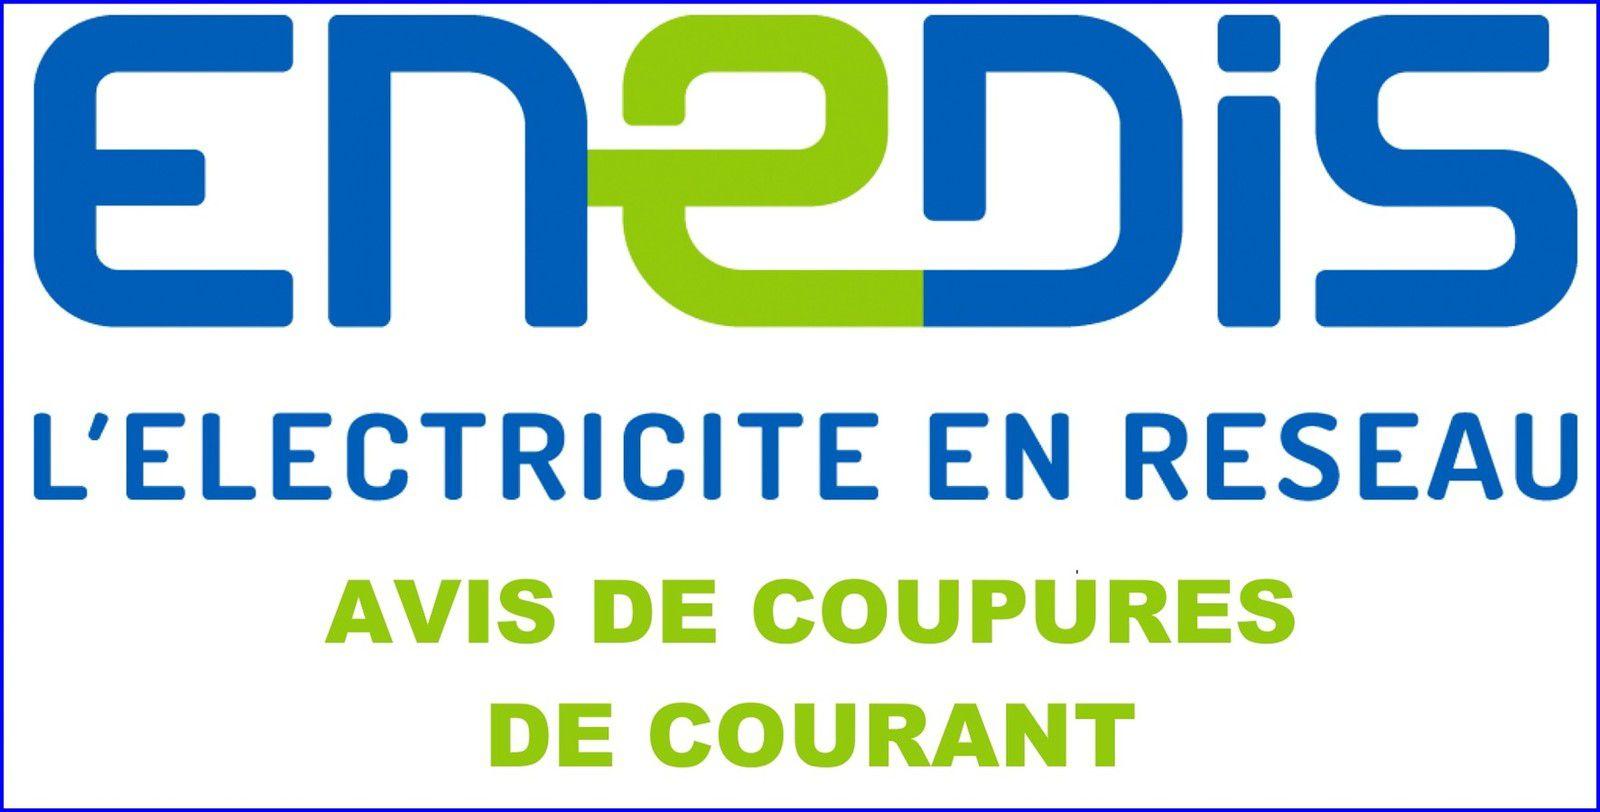 Coupures d'électricité à Vernosc-lès-Annonay